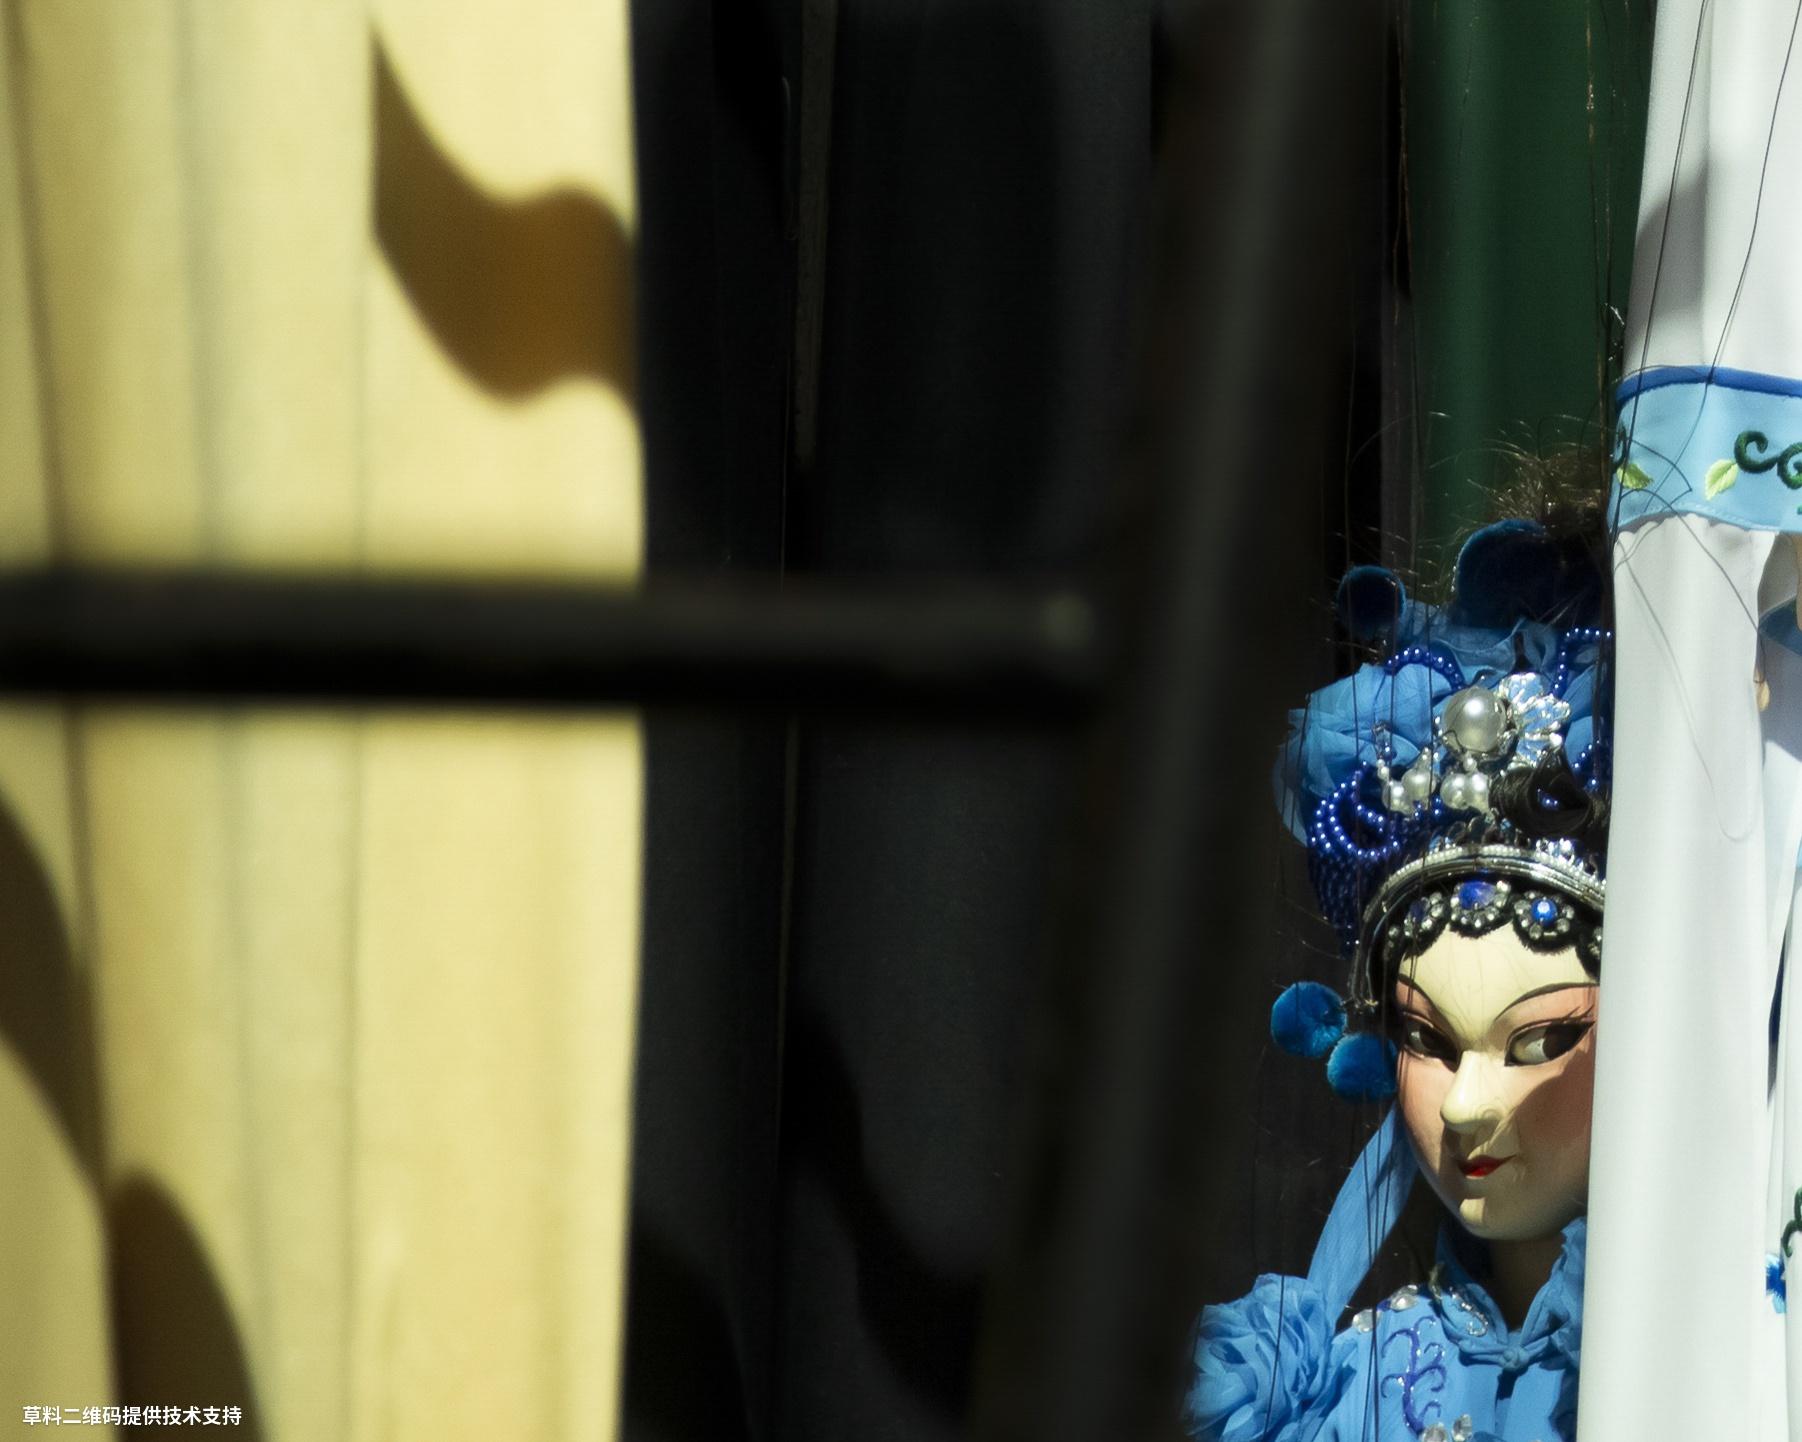 陈玉茹《捉迷藏》Canon,平阳木偶是国家级非遗项目,技师们精心创作了它们的形象,而演员们则给予它们生命和情感,图片2020年7月28日摄于平阳木偶传承中心舞台后台。.jpg